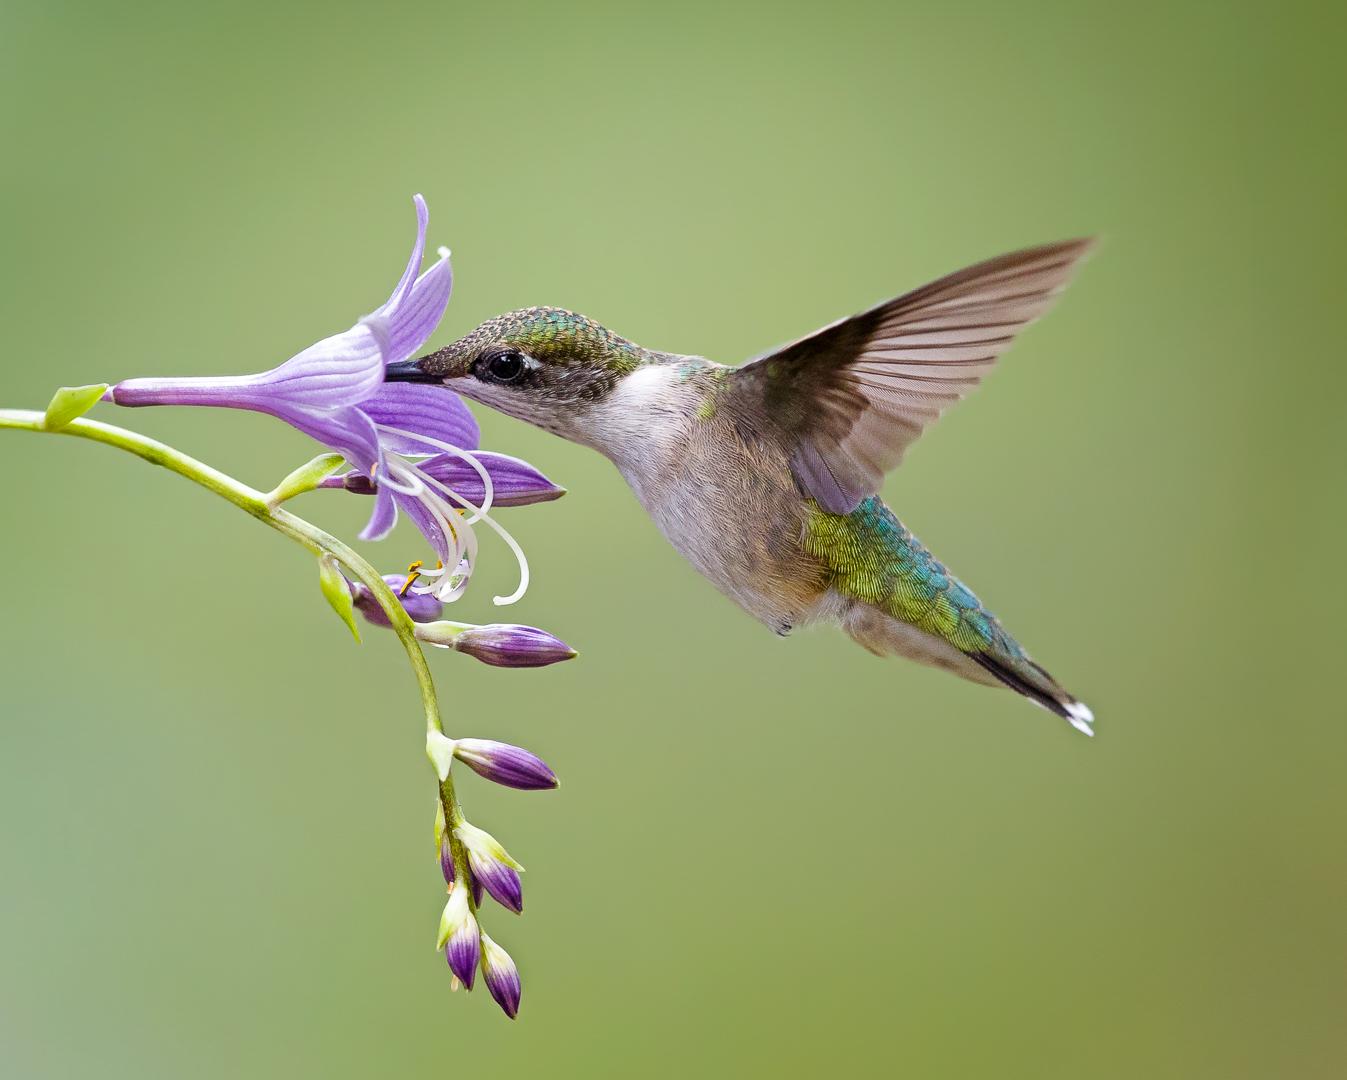 Hummingbird and bell flower